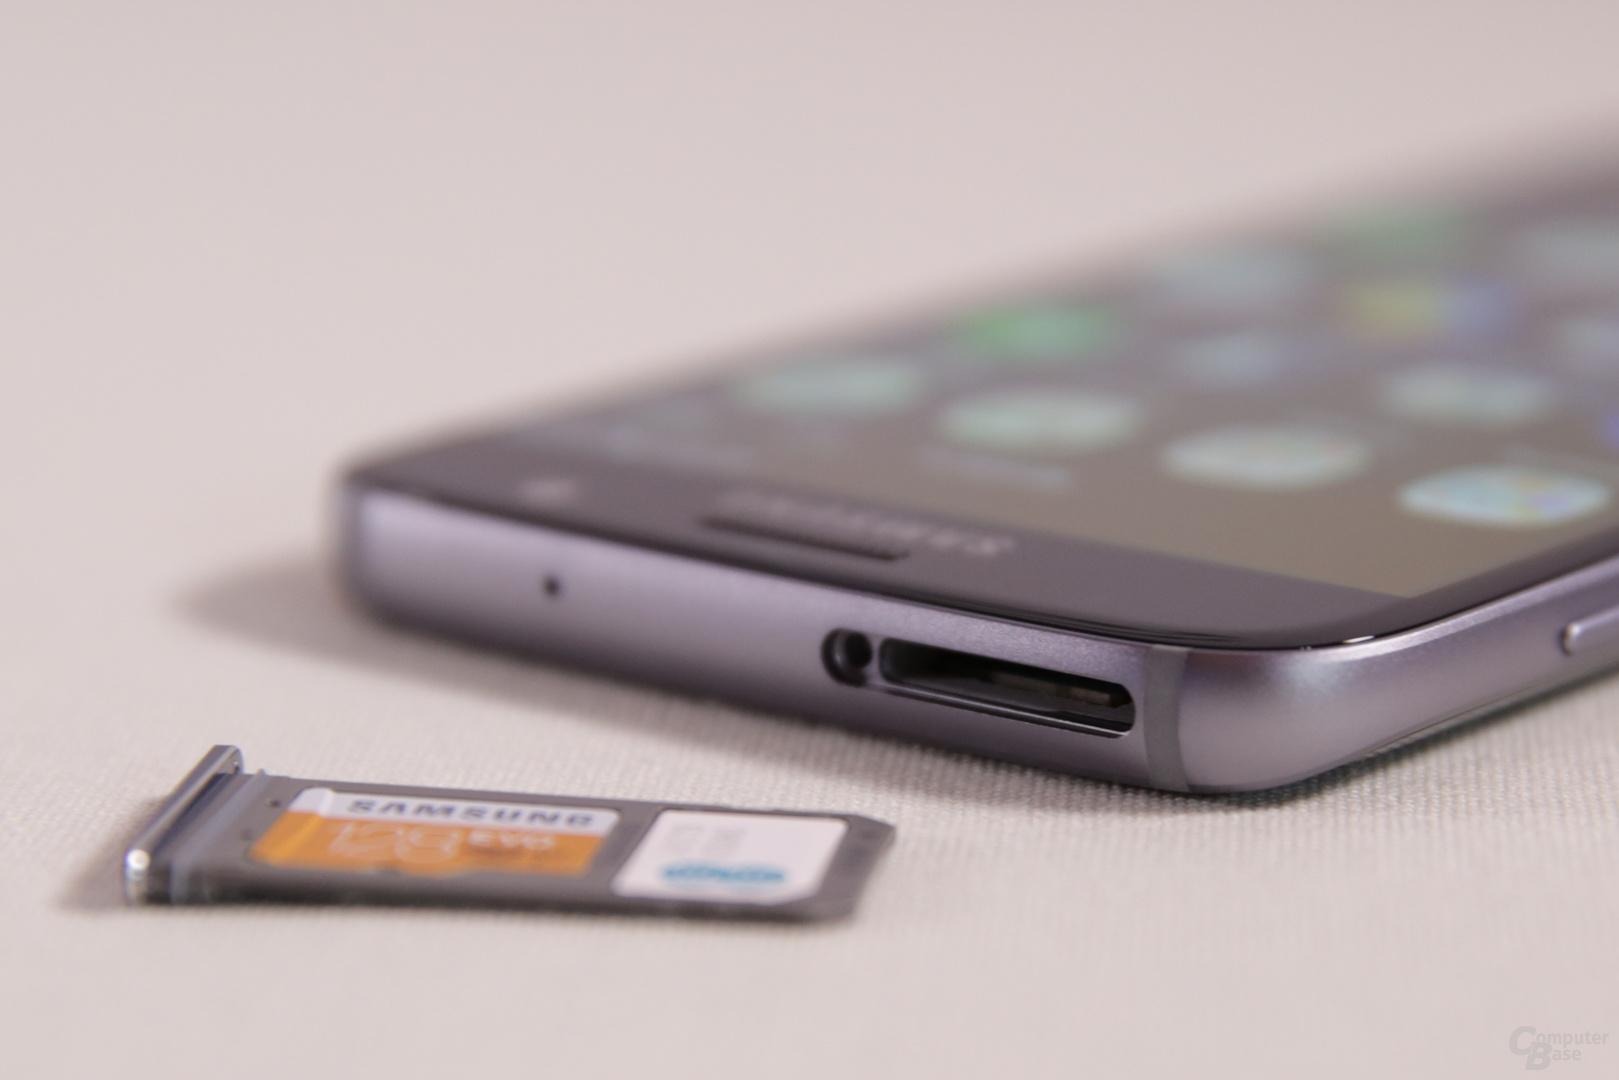 Die Speichererweiterung per microSD-Karte ist zurück